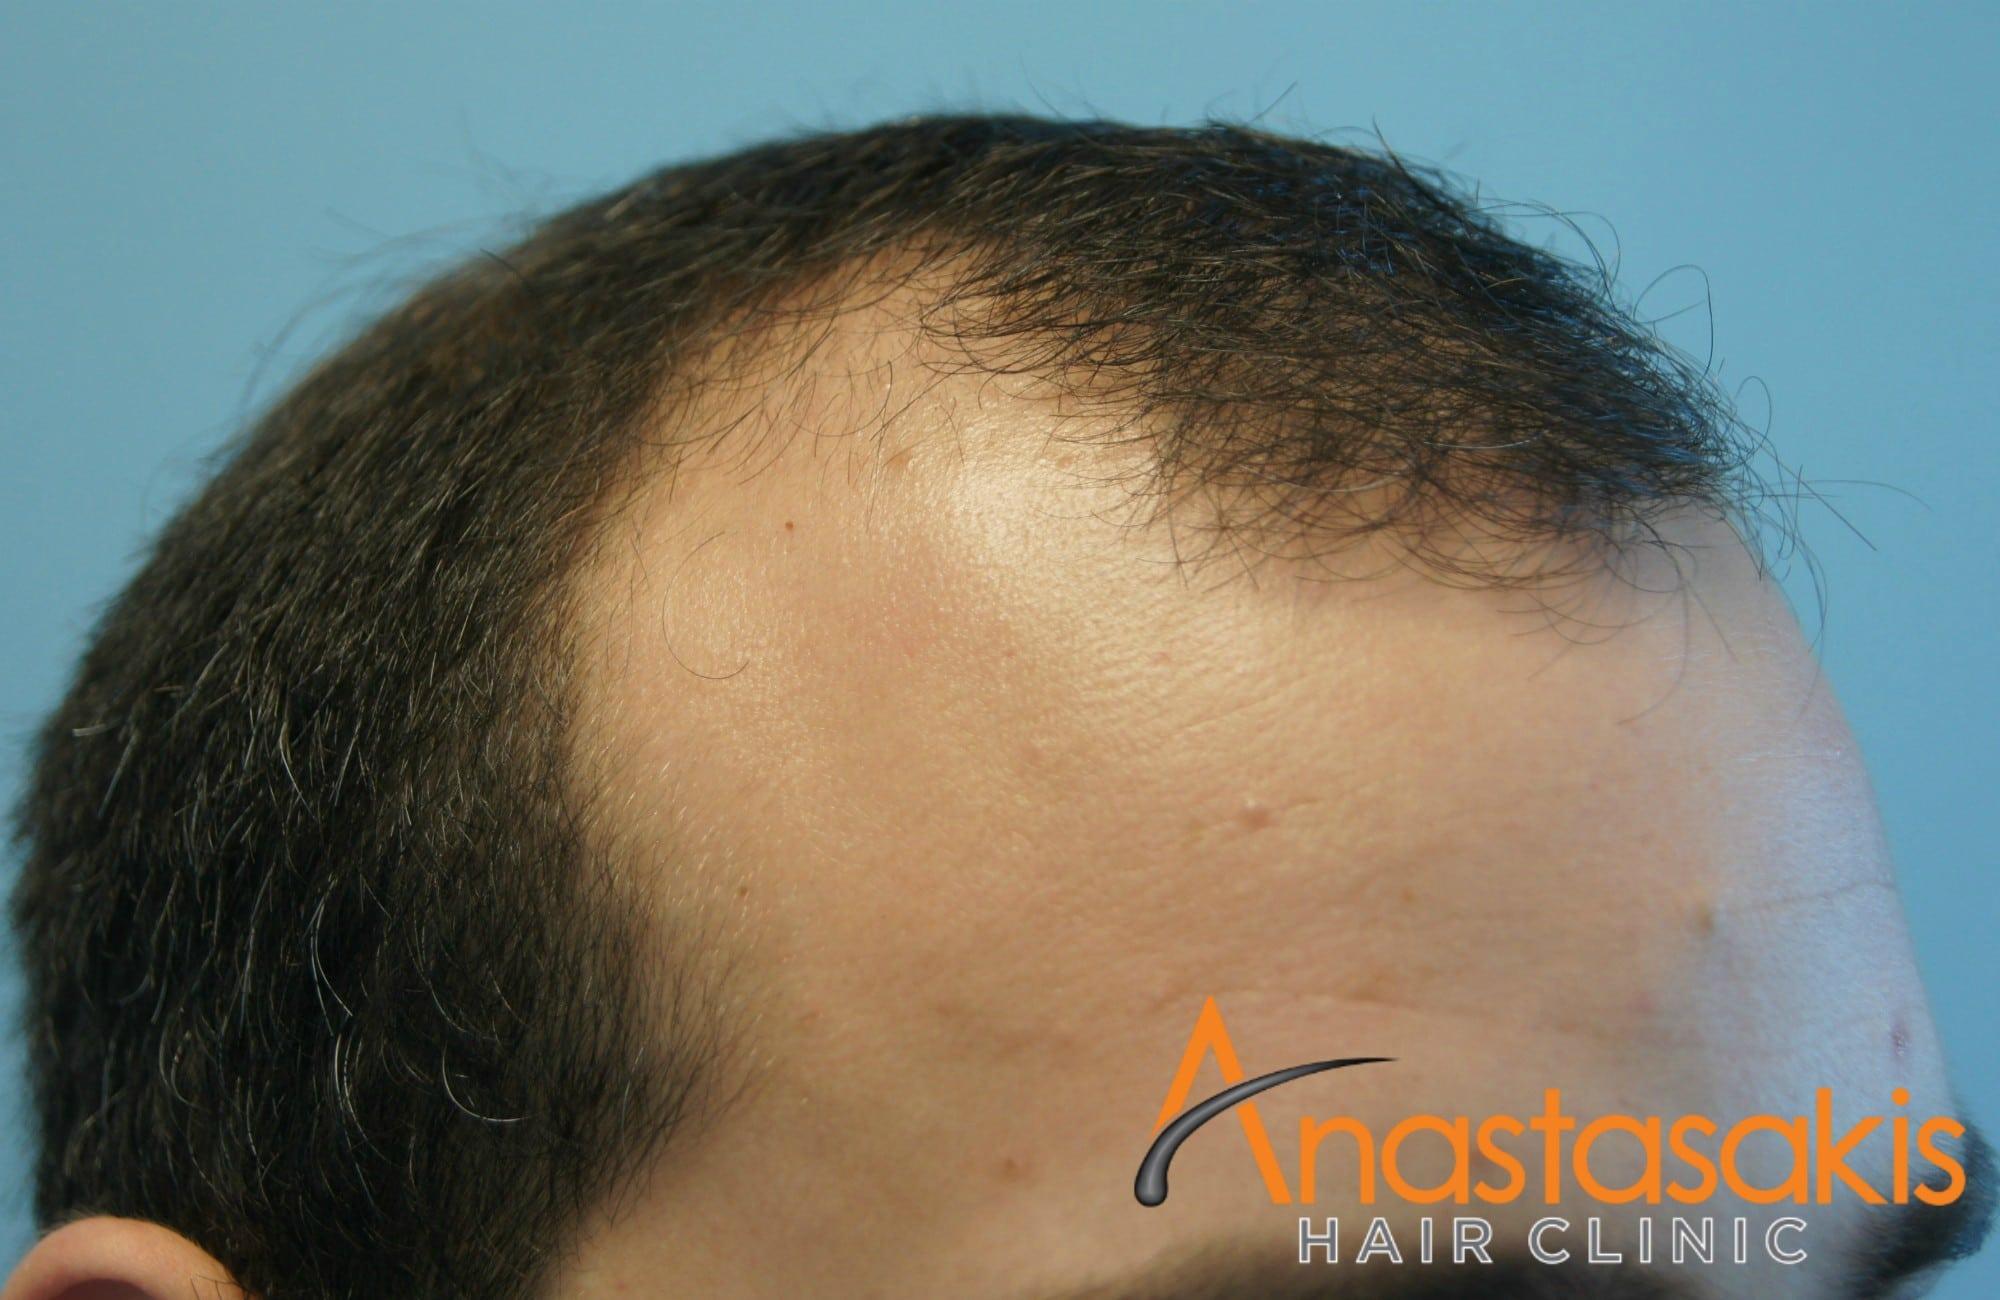 αριστερο προφιλ ασθενους πριν τη μεταμοσχευση μαλλιων με 1500 fus 2